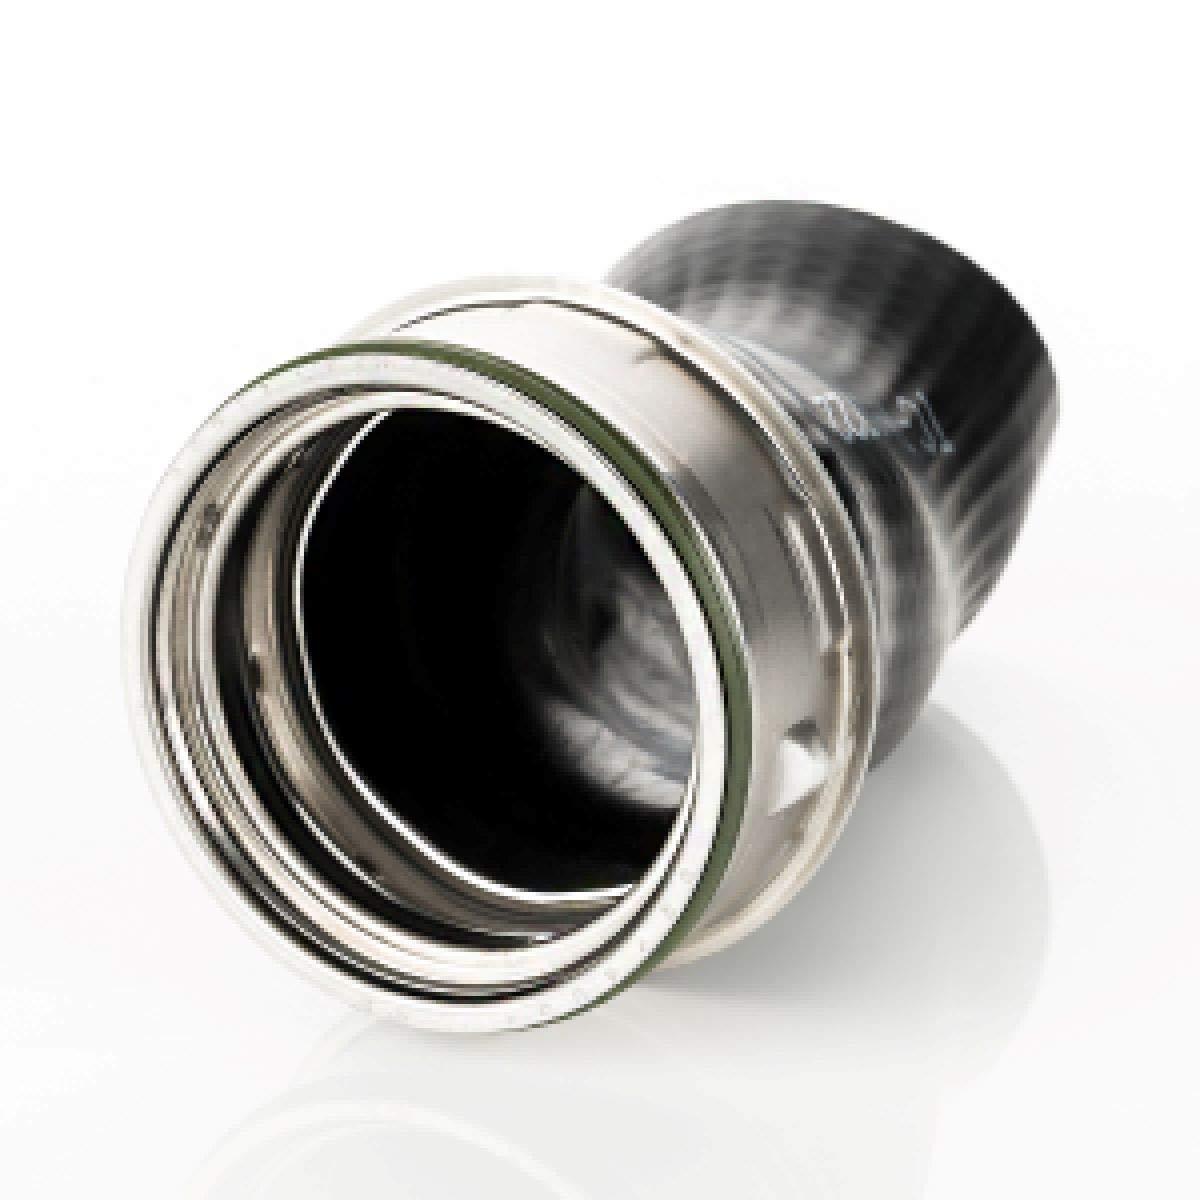 Ladeluftschlauch Turboschlauch Turbolader Rohr f/ür CHRYSLER PT CRUISER 2.2 CRD